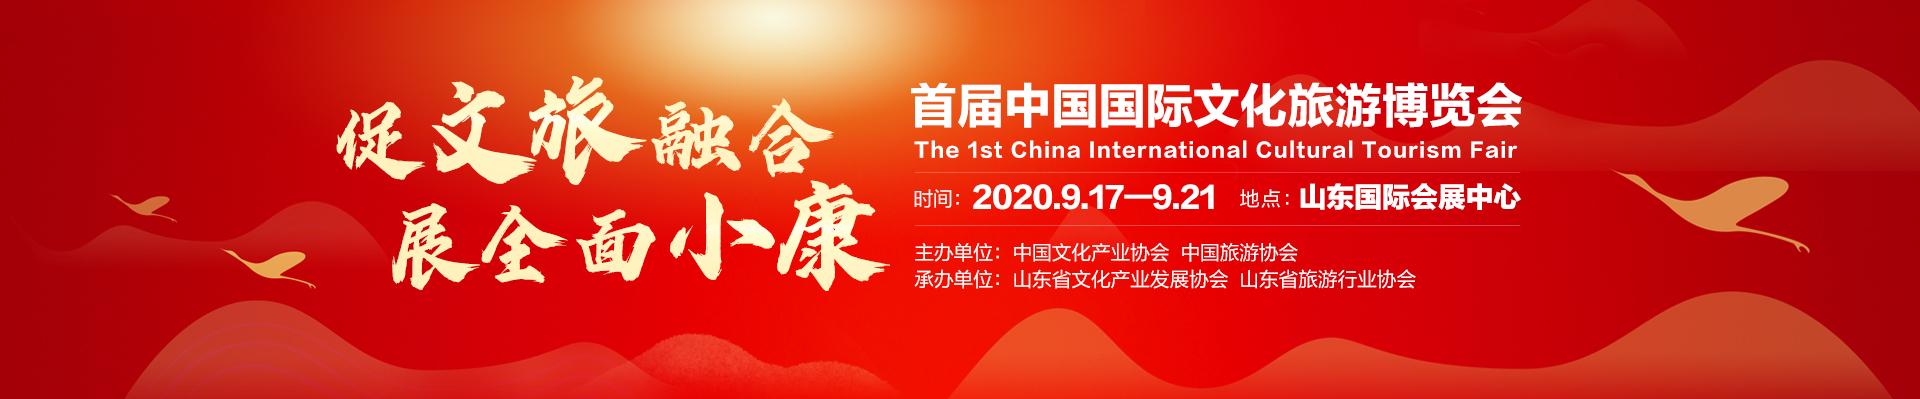 首届中国国际文化旅游博览会